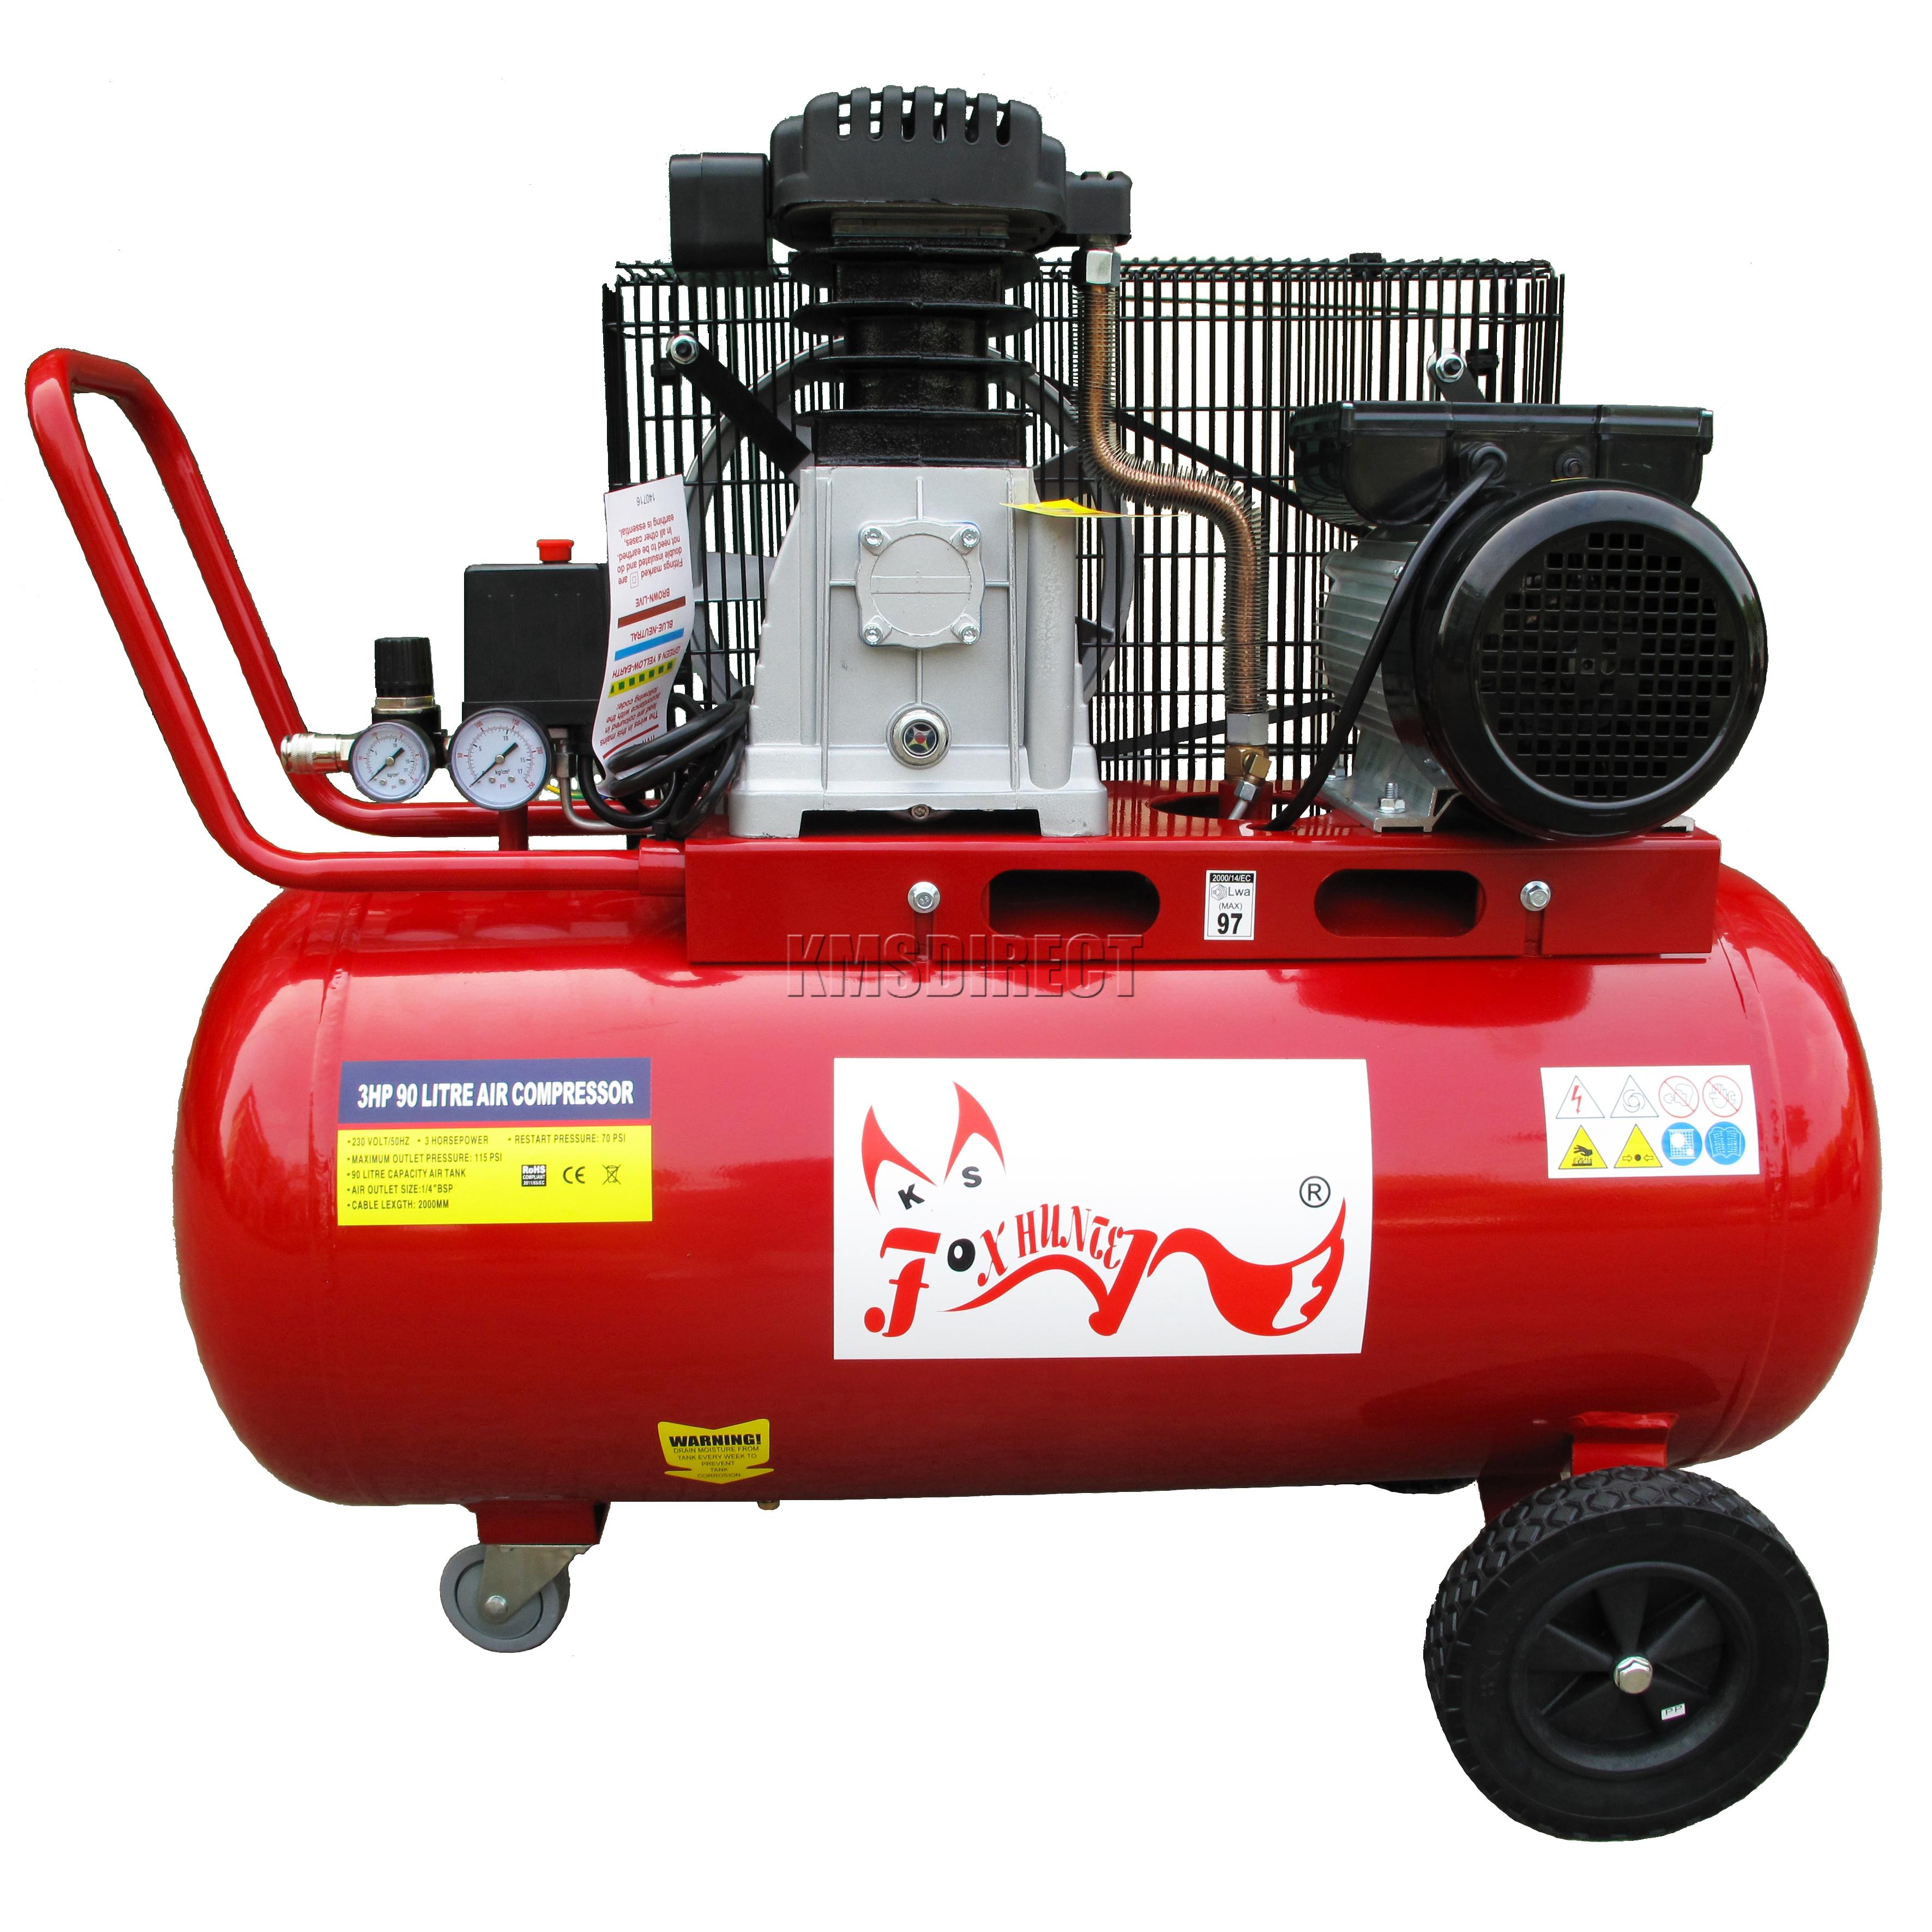 Foxhunter Air Compressor 90l Litre 3hp 8 Bar Electric 20